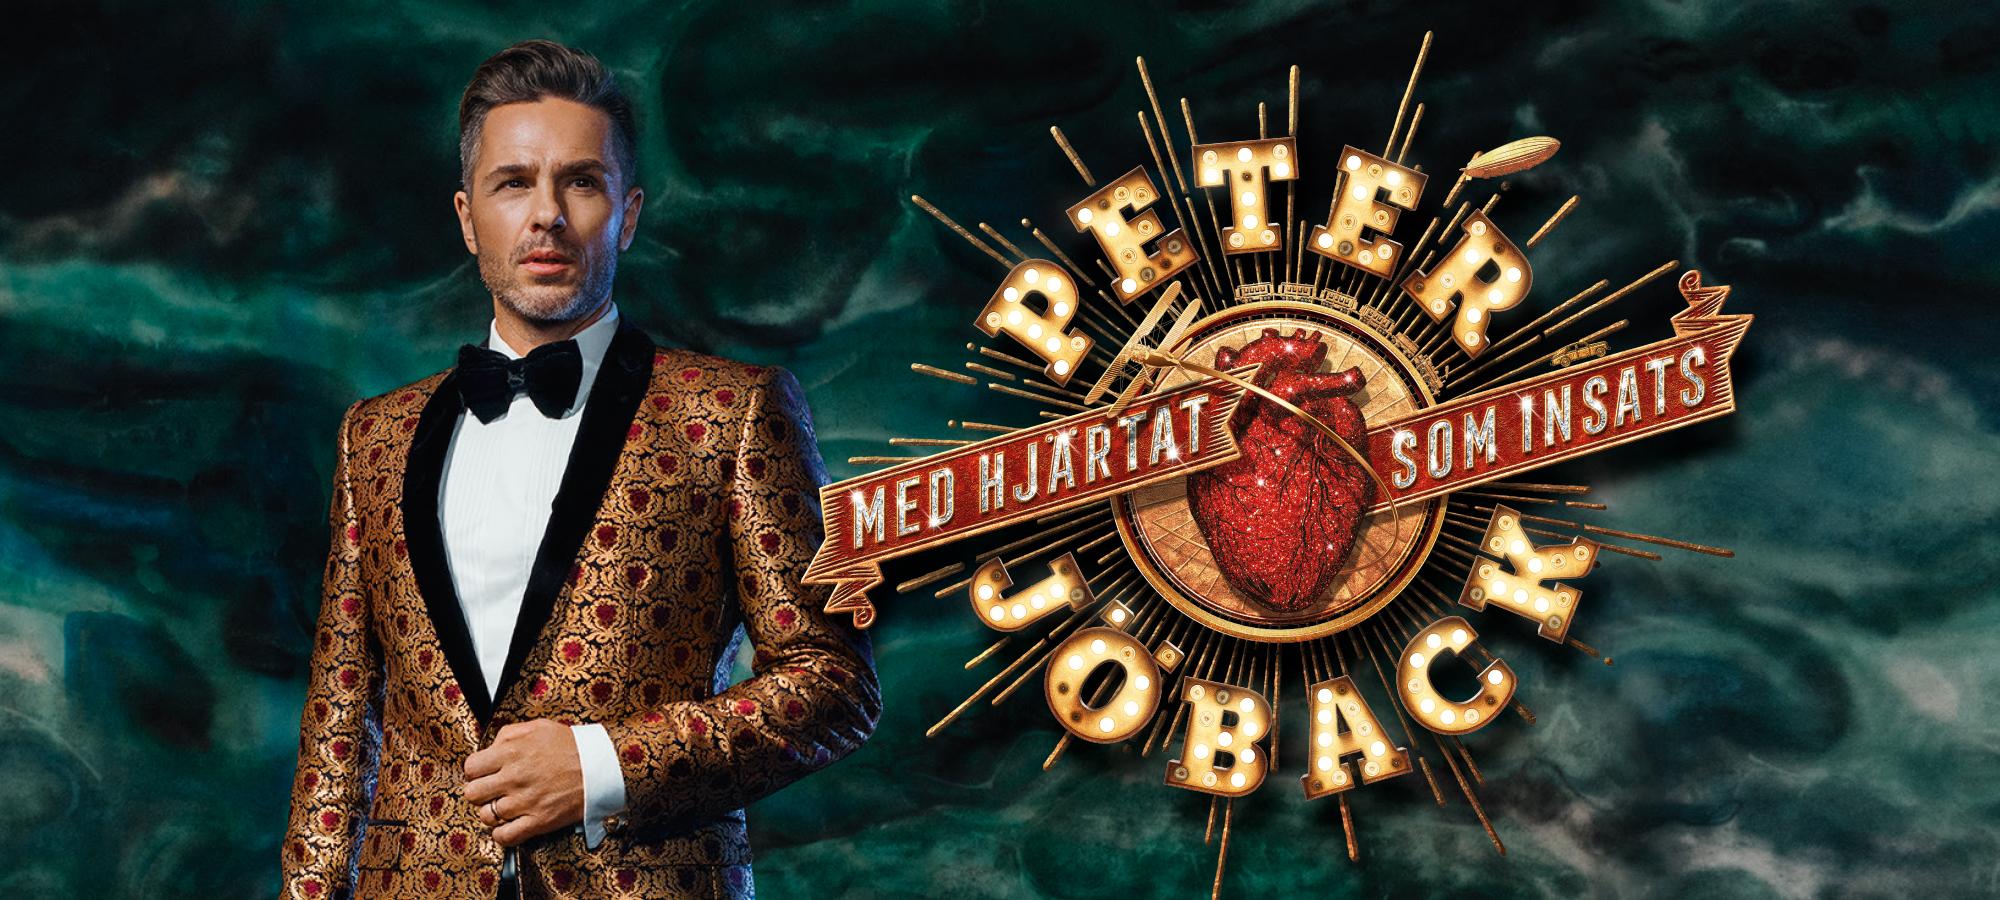 Peter Jöback-Med hjärtat som insats